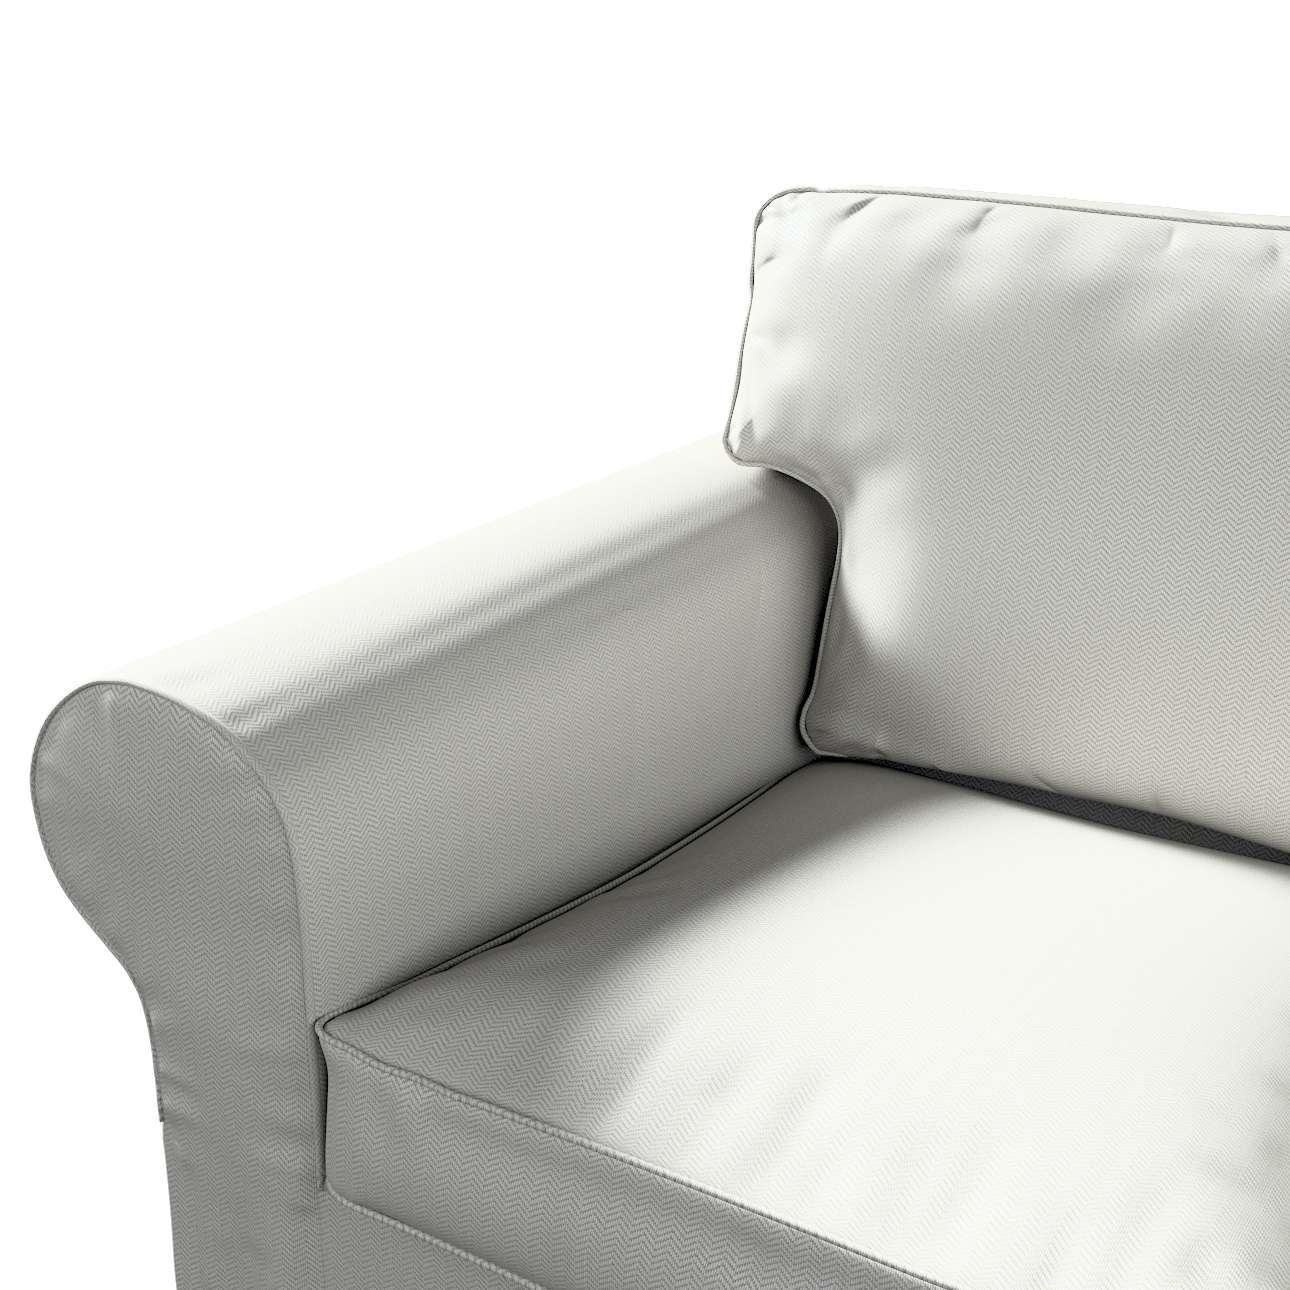 Pokrowiec na sofę Ektorp 2-osobową rozkładaną, model po 2012 w kolekcji Bergen, tkanina: 161-84